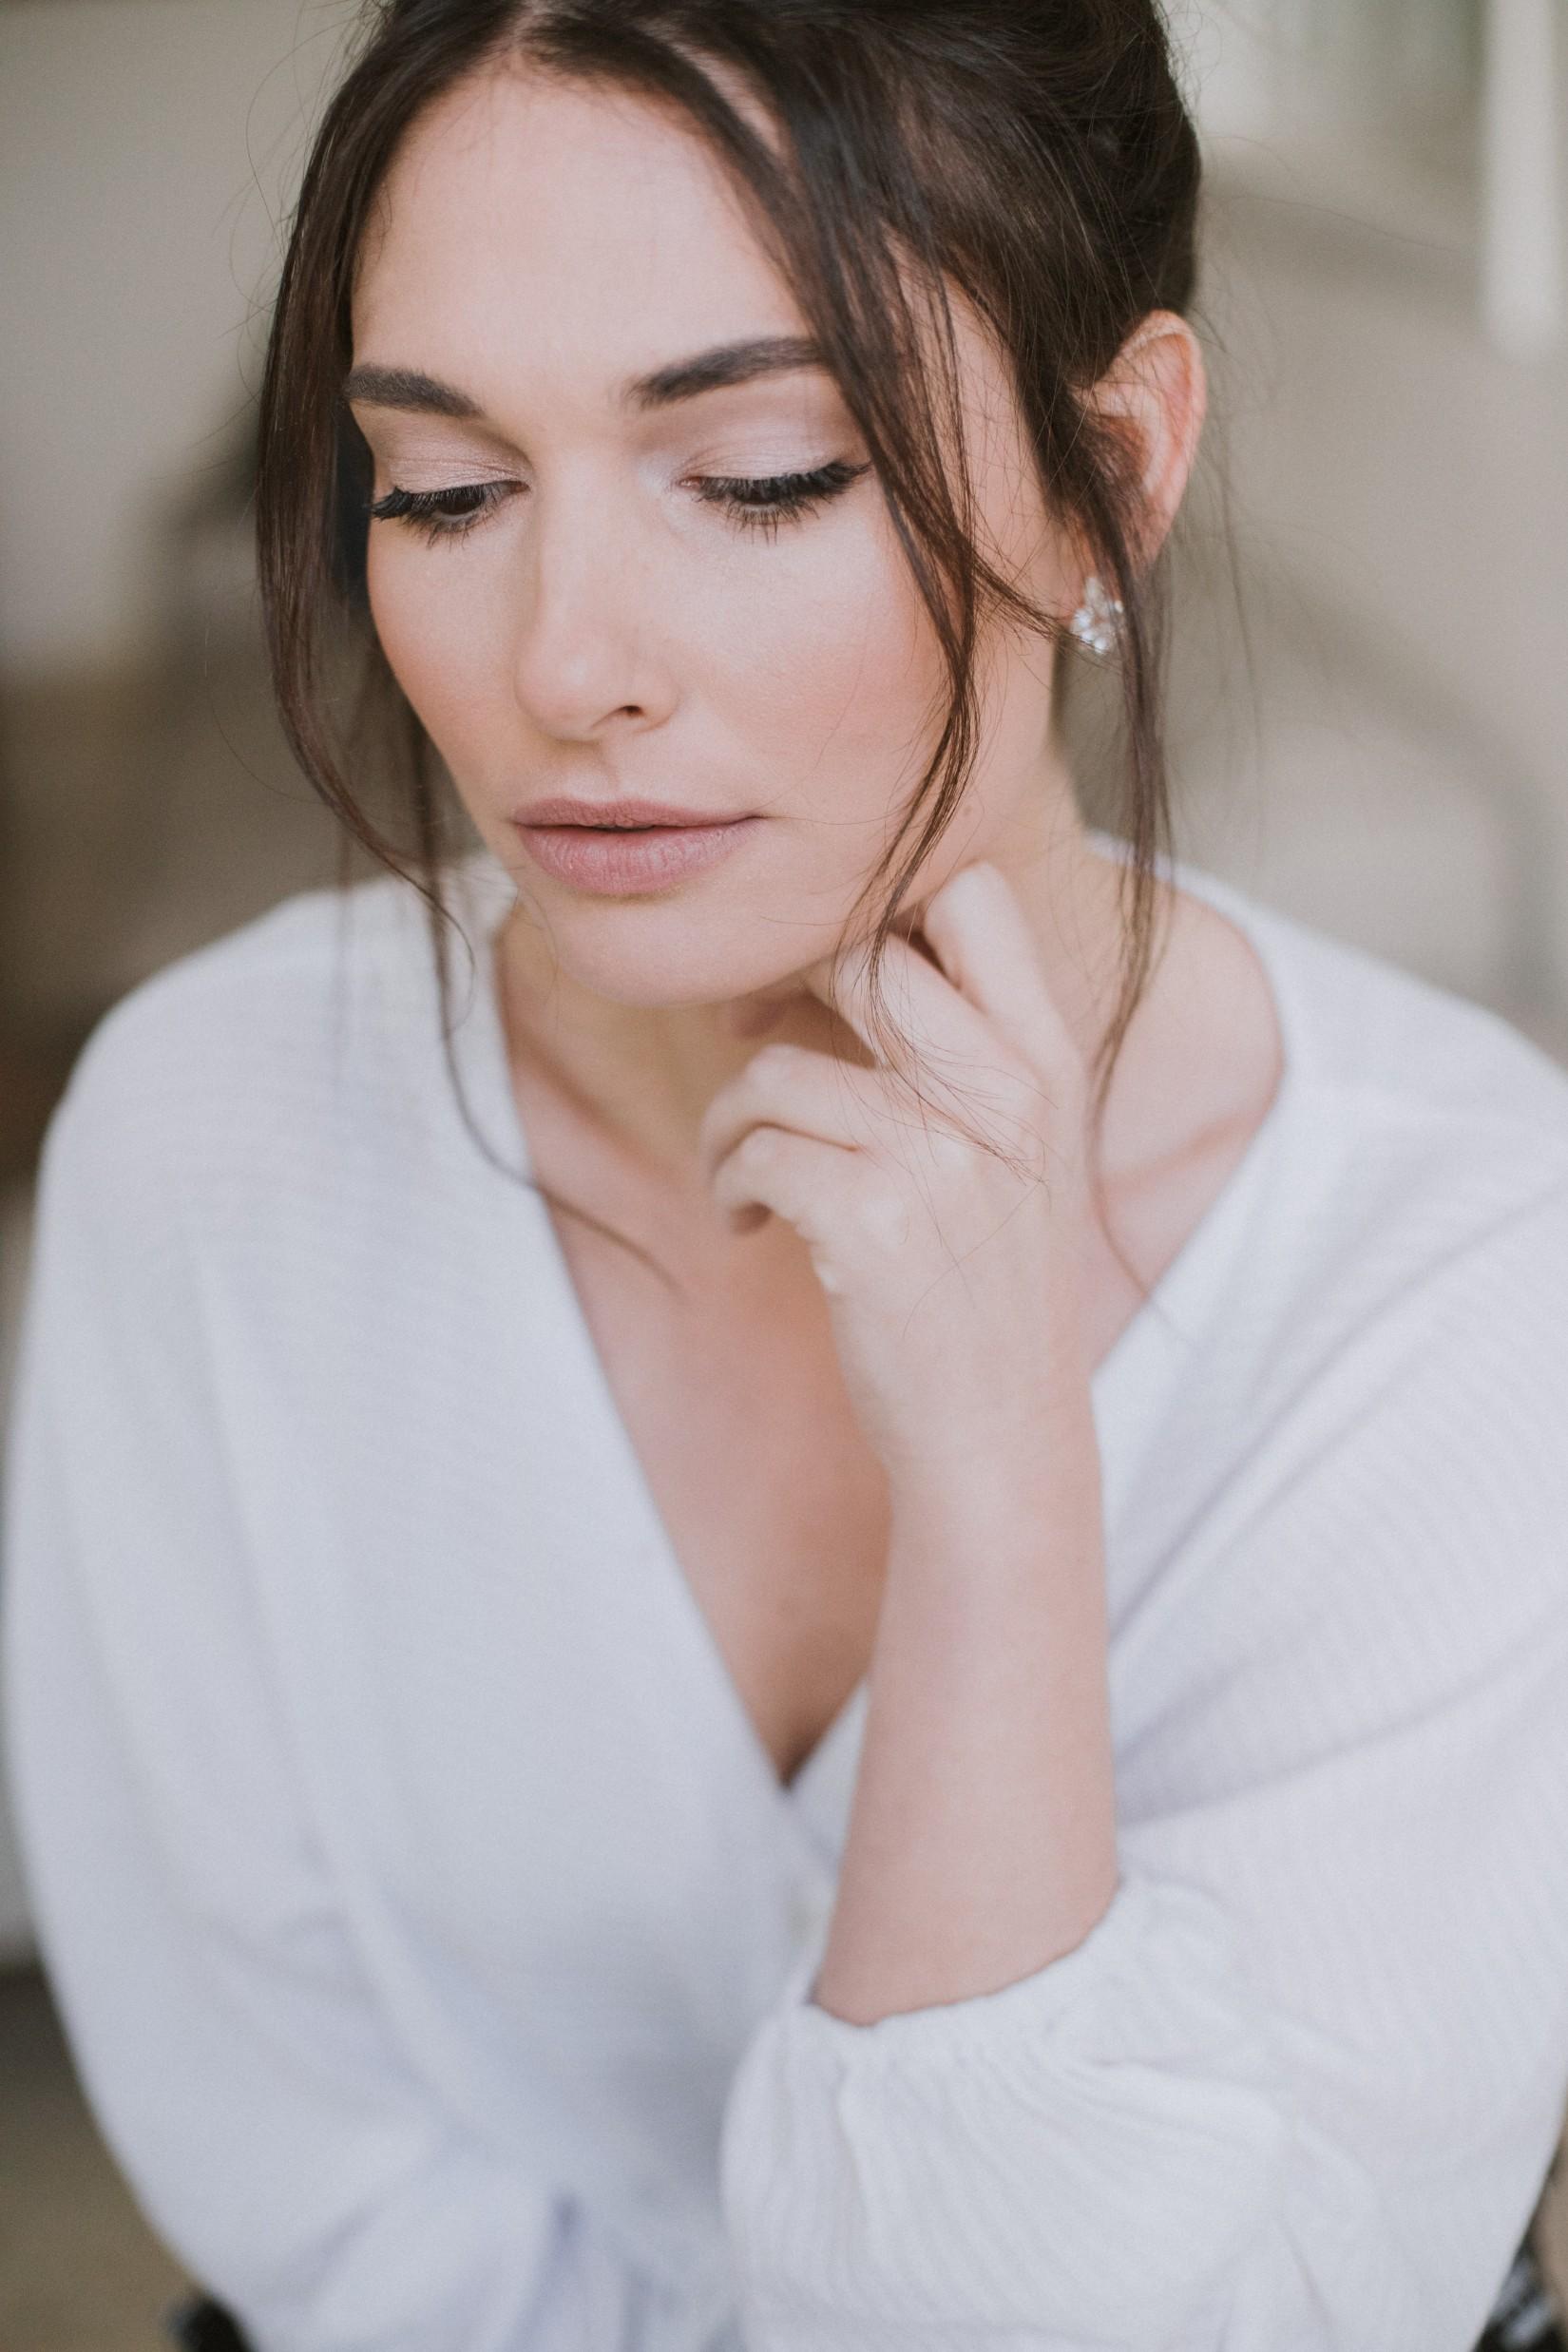 דברים שחשוב לדעת על איפור ושיער בבוקר החתונה